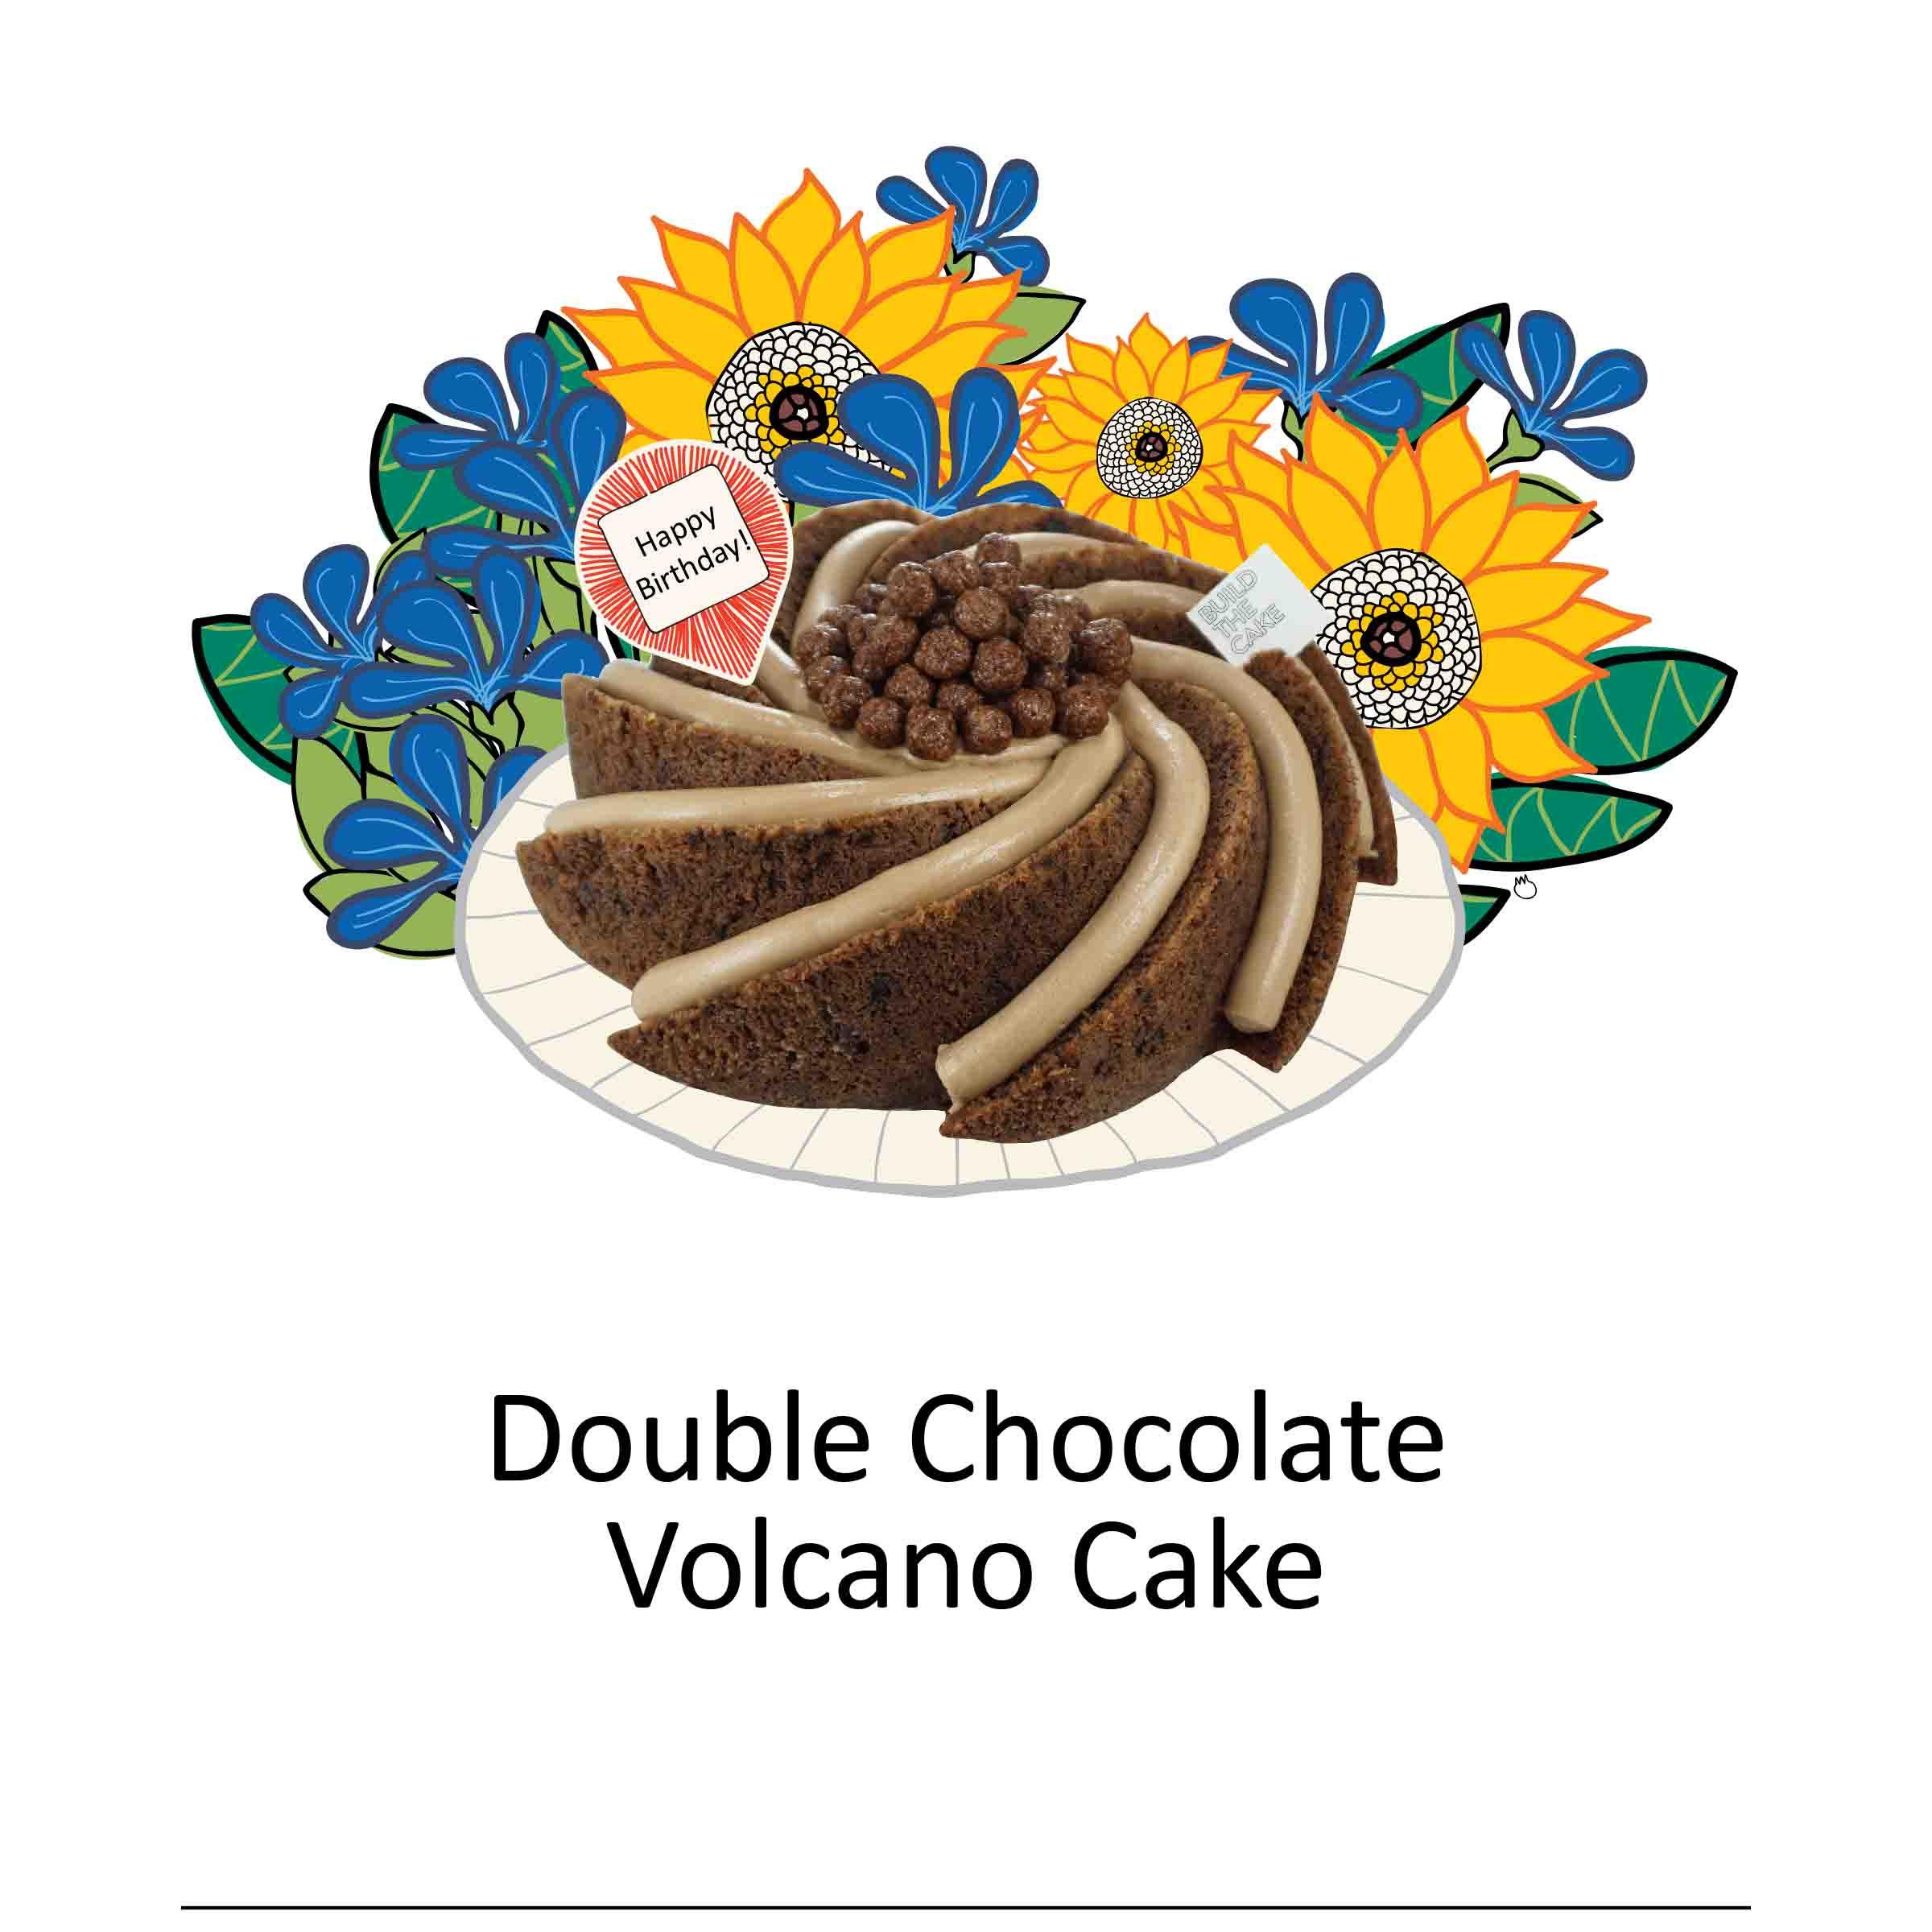 Double Chocolate Volcano Cake